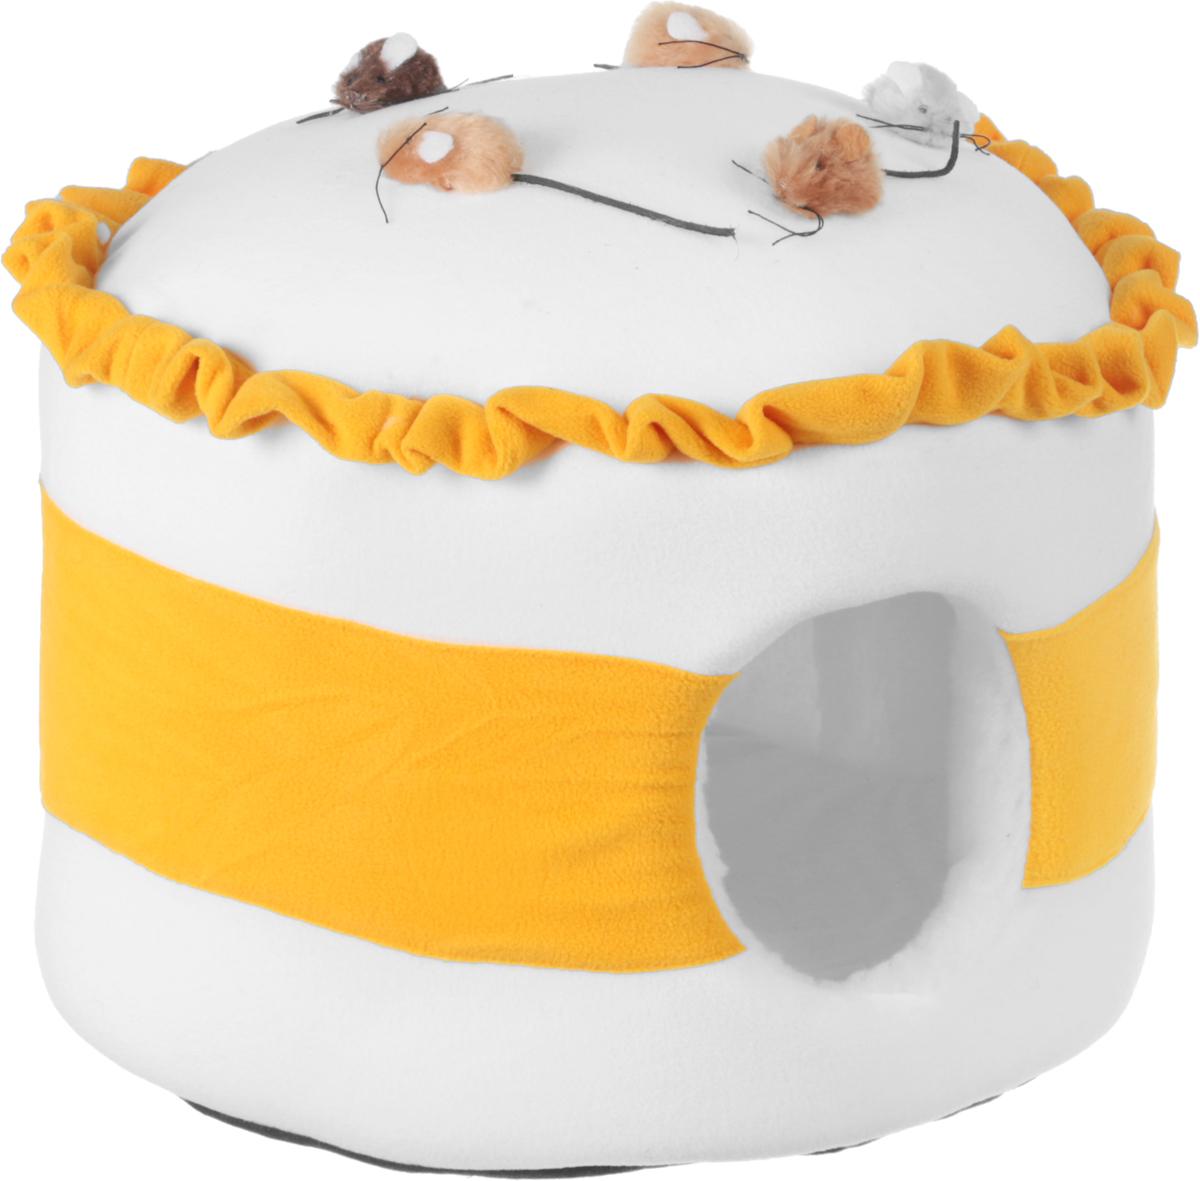 Домик для животных Зооник Тортик с мышками, цвет: белый, желтый, 43 х 43 х 30 см22148_белый, желтыйДомик для животных Зооник Тортик с мышками, выполненный из флиса и искусственного меха, декорирован непревзойденным дизайном и предназначен для кошек и мелких собак. Он очень удобен и вместителен. Домик оснащен мягкой подушкой. Изделие гармонично украсит интерьер, подчеркнет вашу индивидуальность и будет радовать вас и вашего питомца.